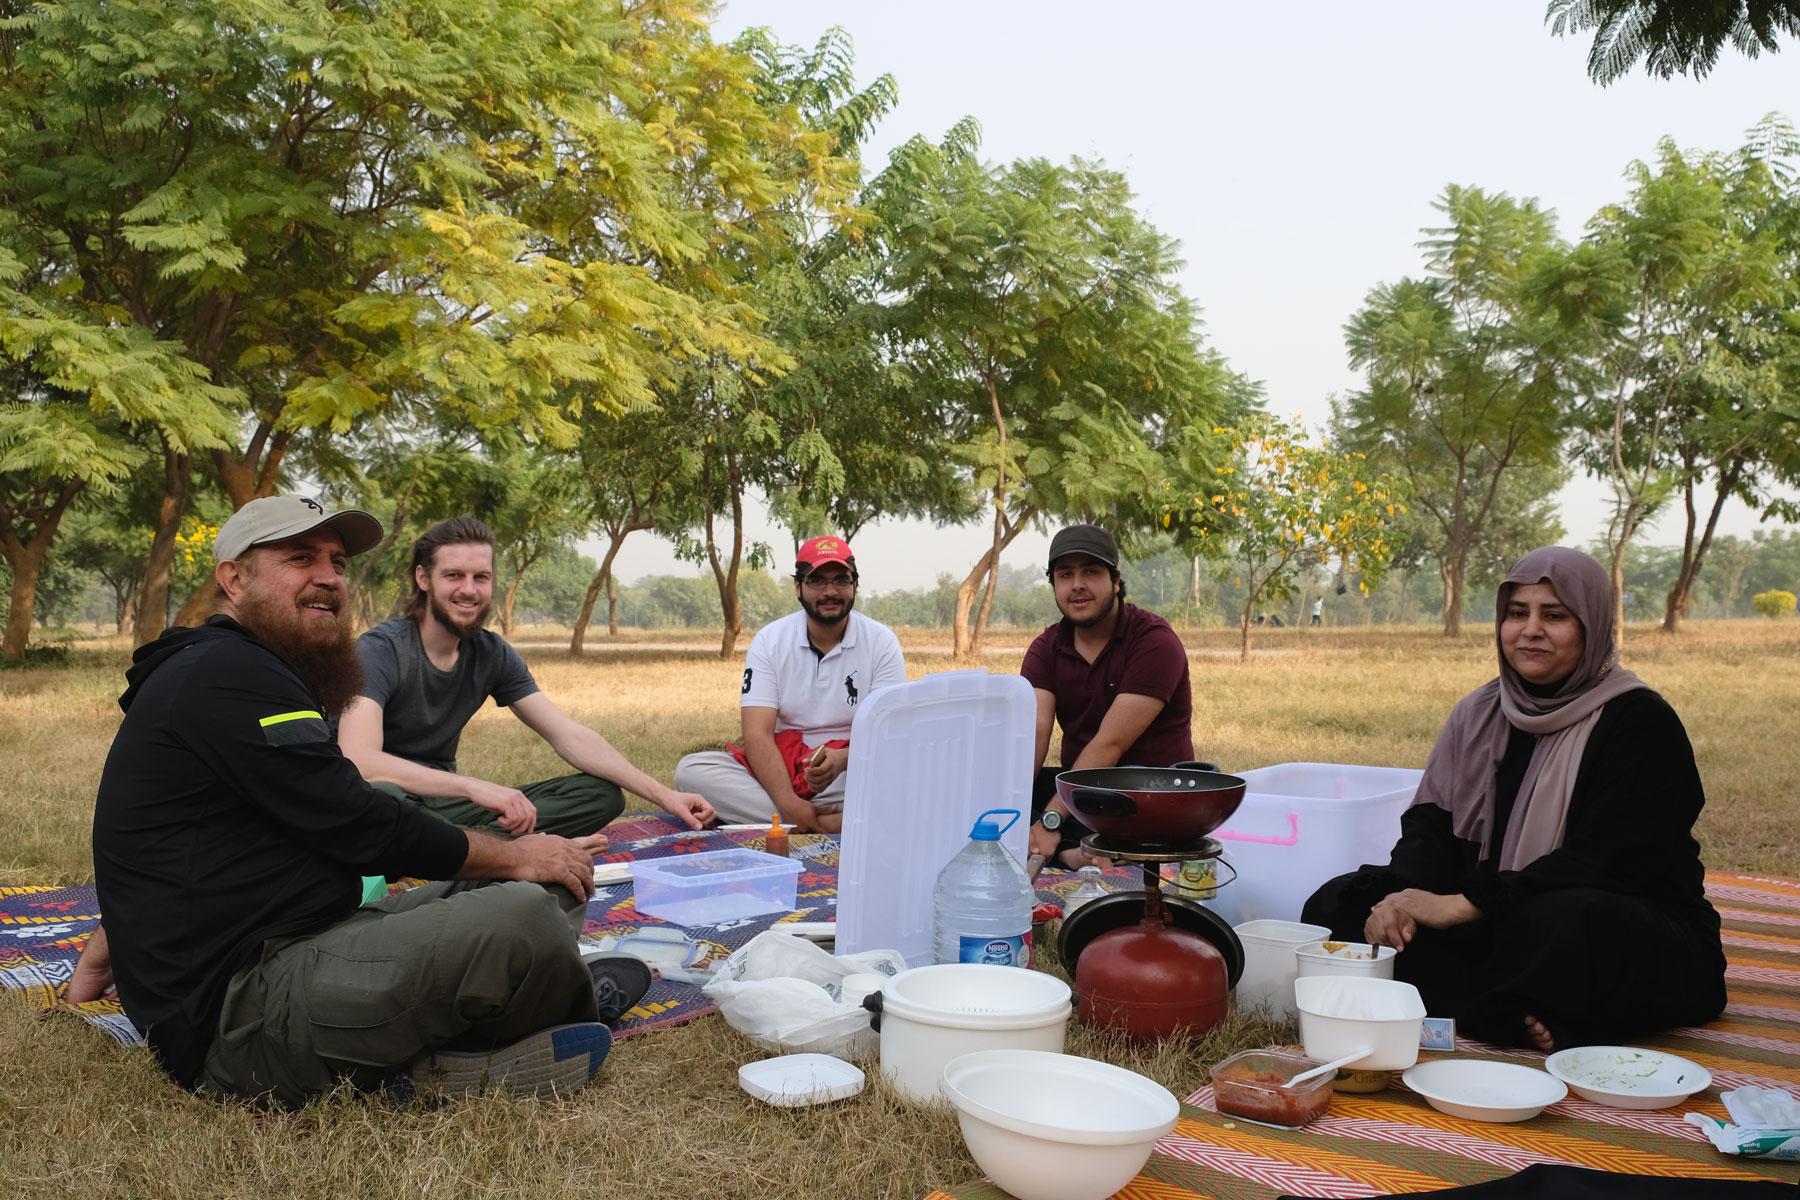 Sebastian sitzt mit einer pakistanischen Familie in einem Park beim Picknick.